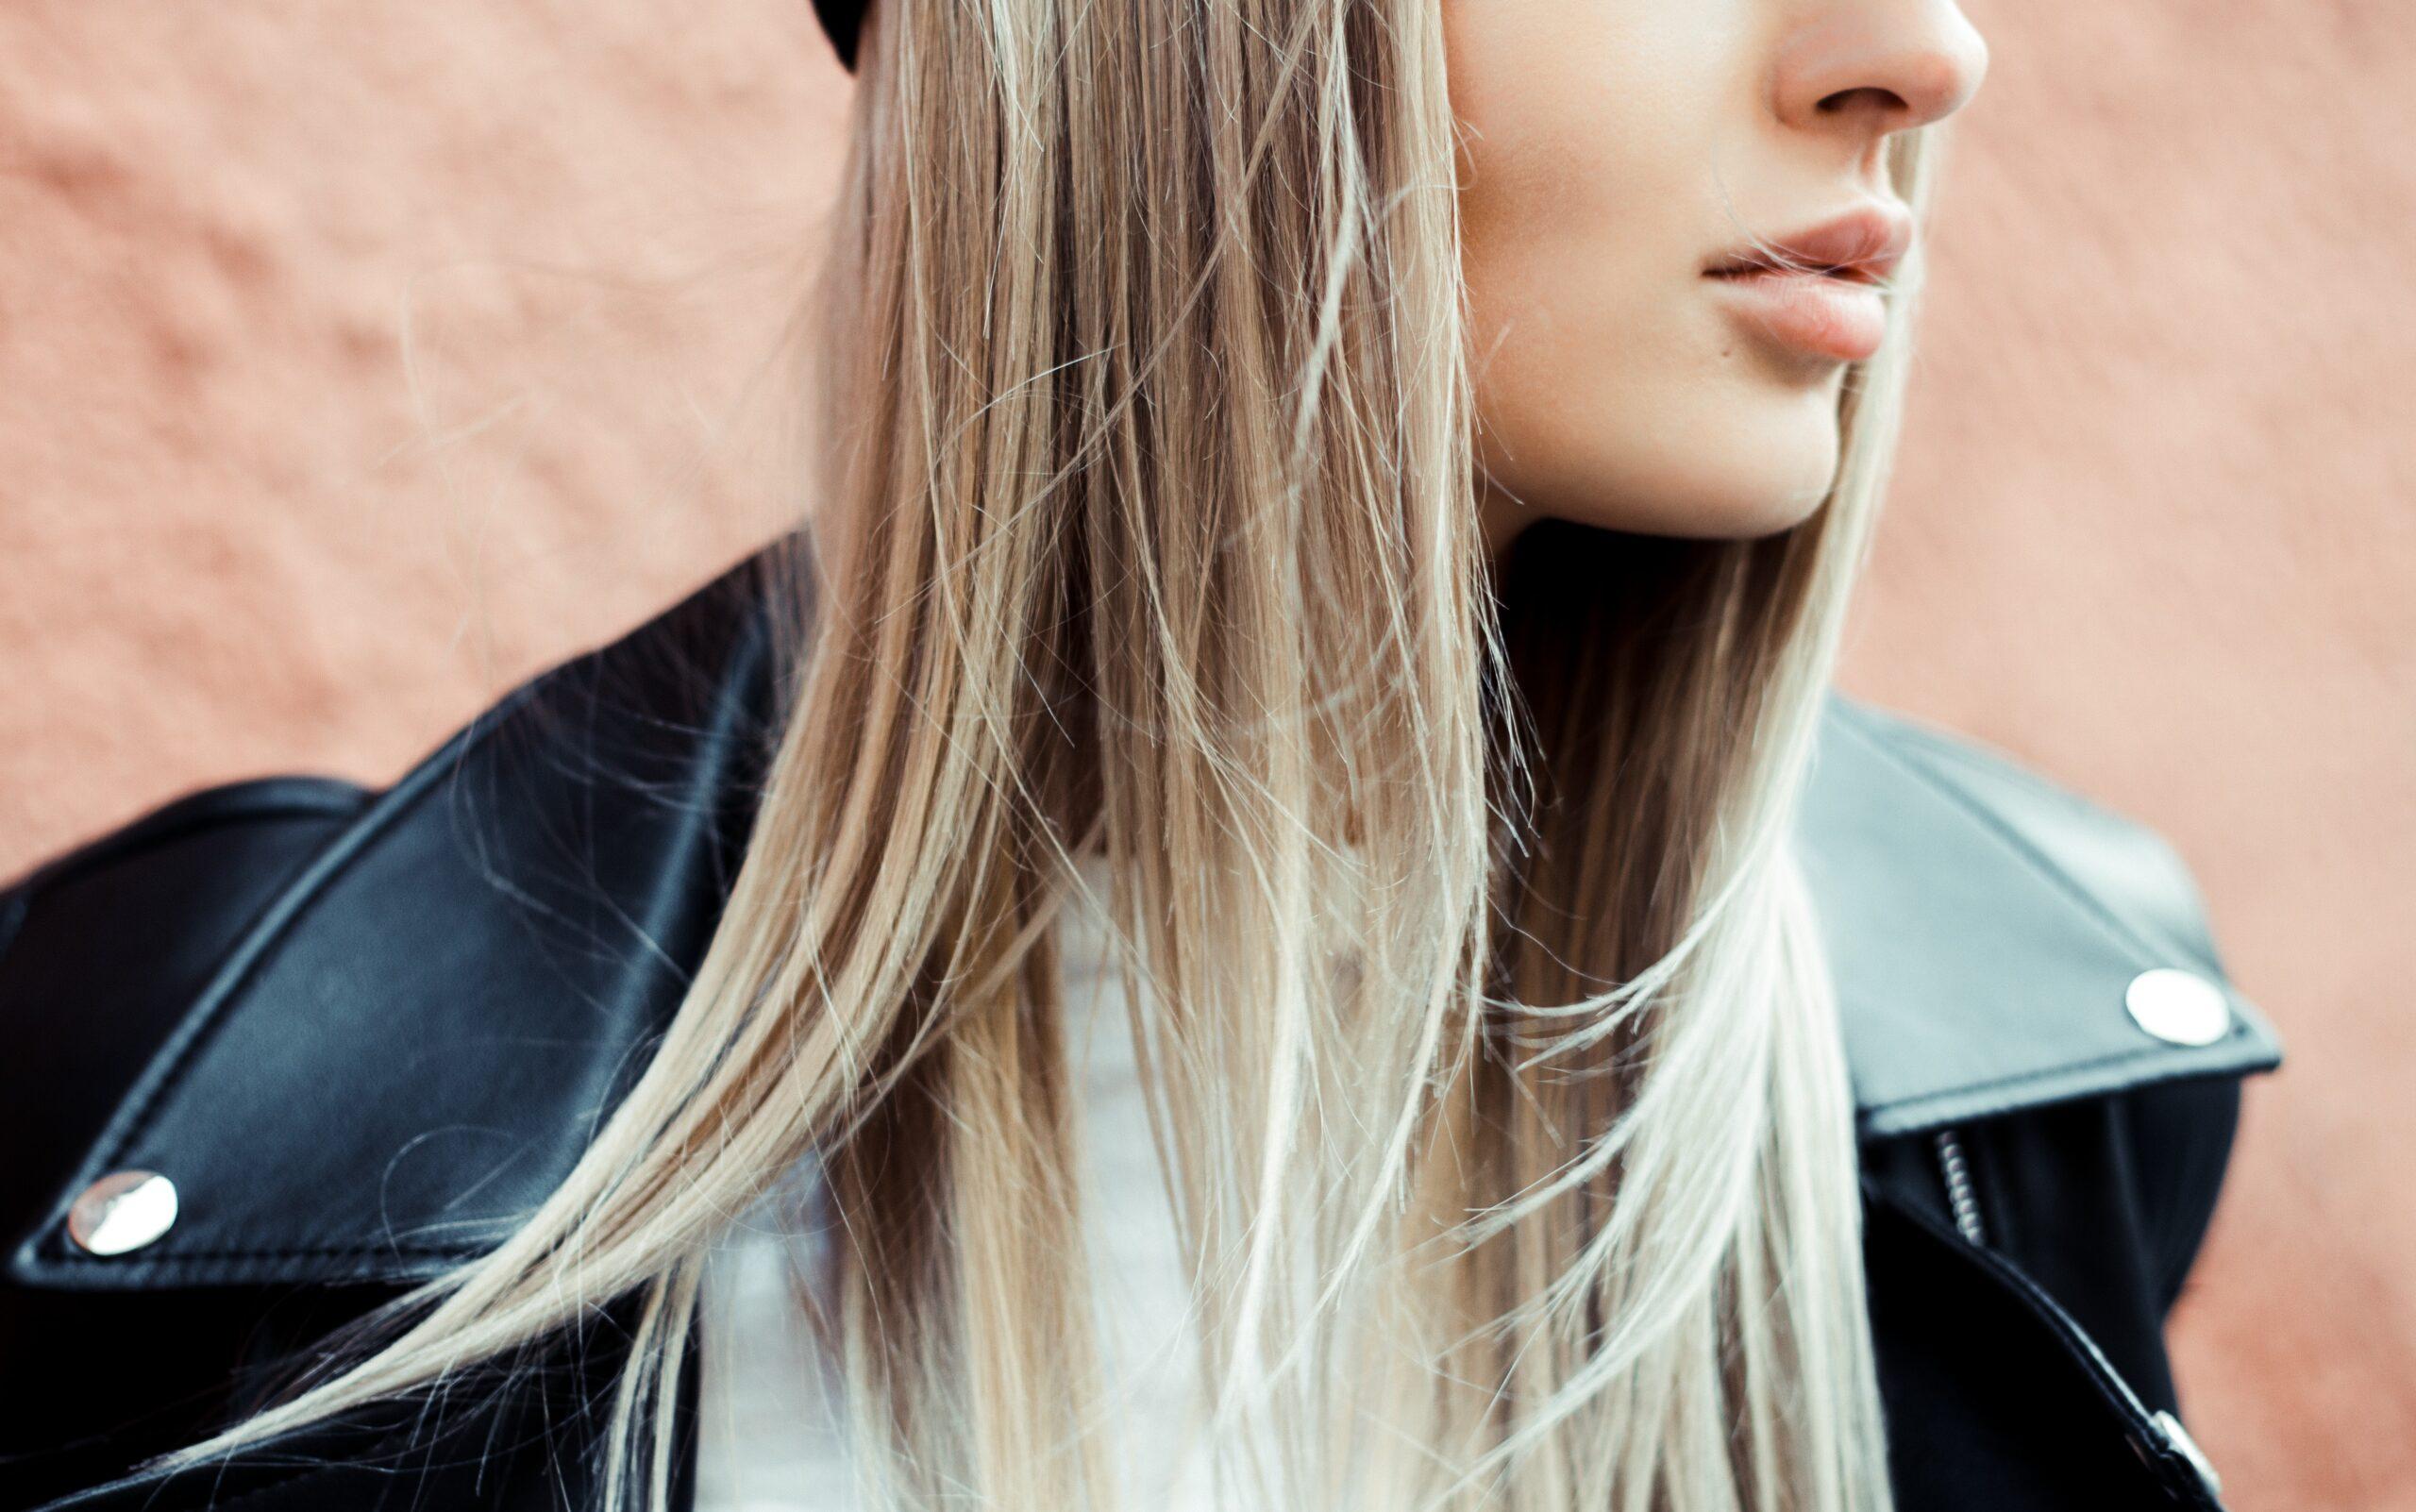 Existe alisamento que não danifique o cabelo?